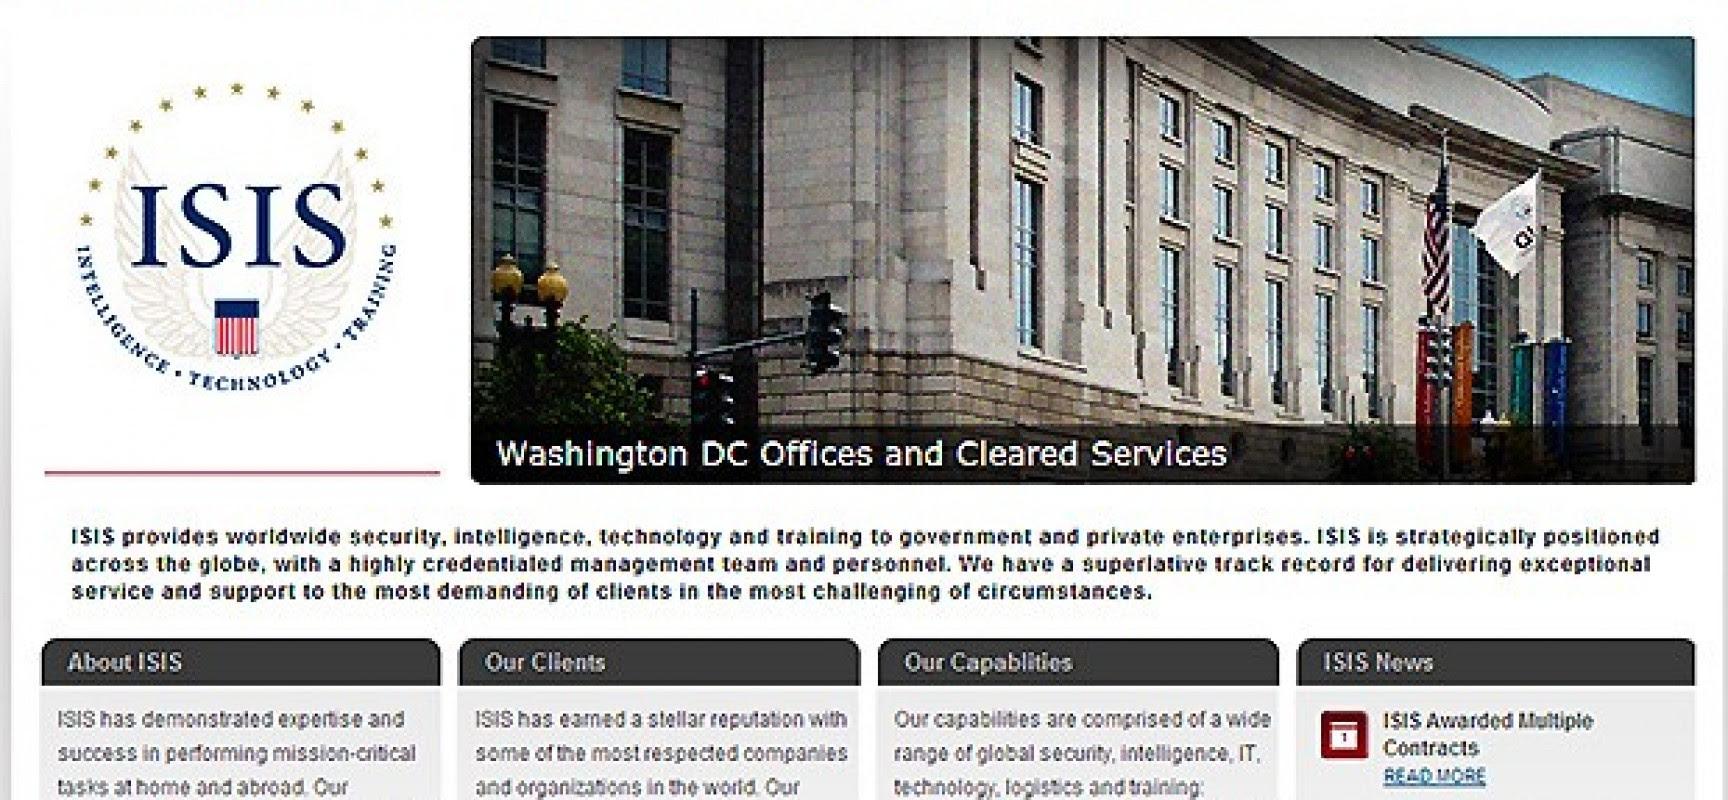 L'ISIS a-t-il son siège à Washington DC ?